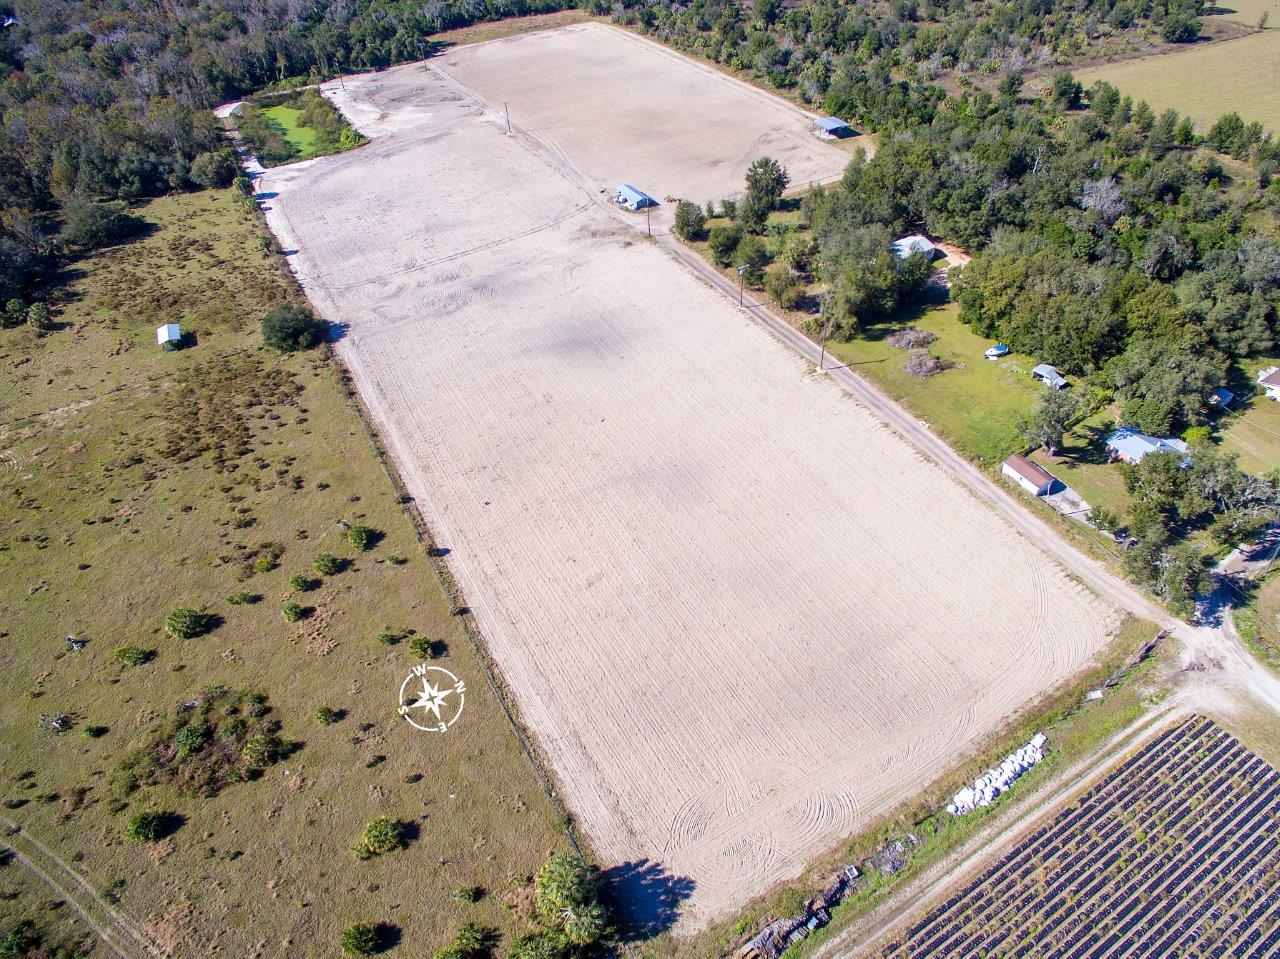 Carey Road 16 Acres, Homesite Farm Investment in Lithia, FL